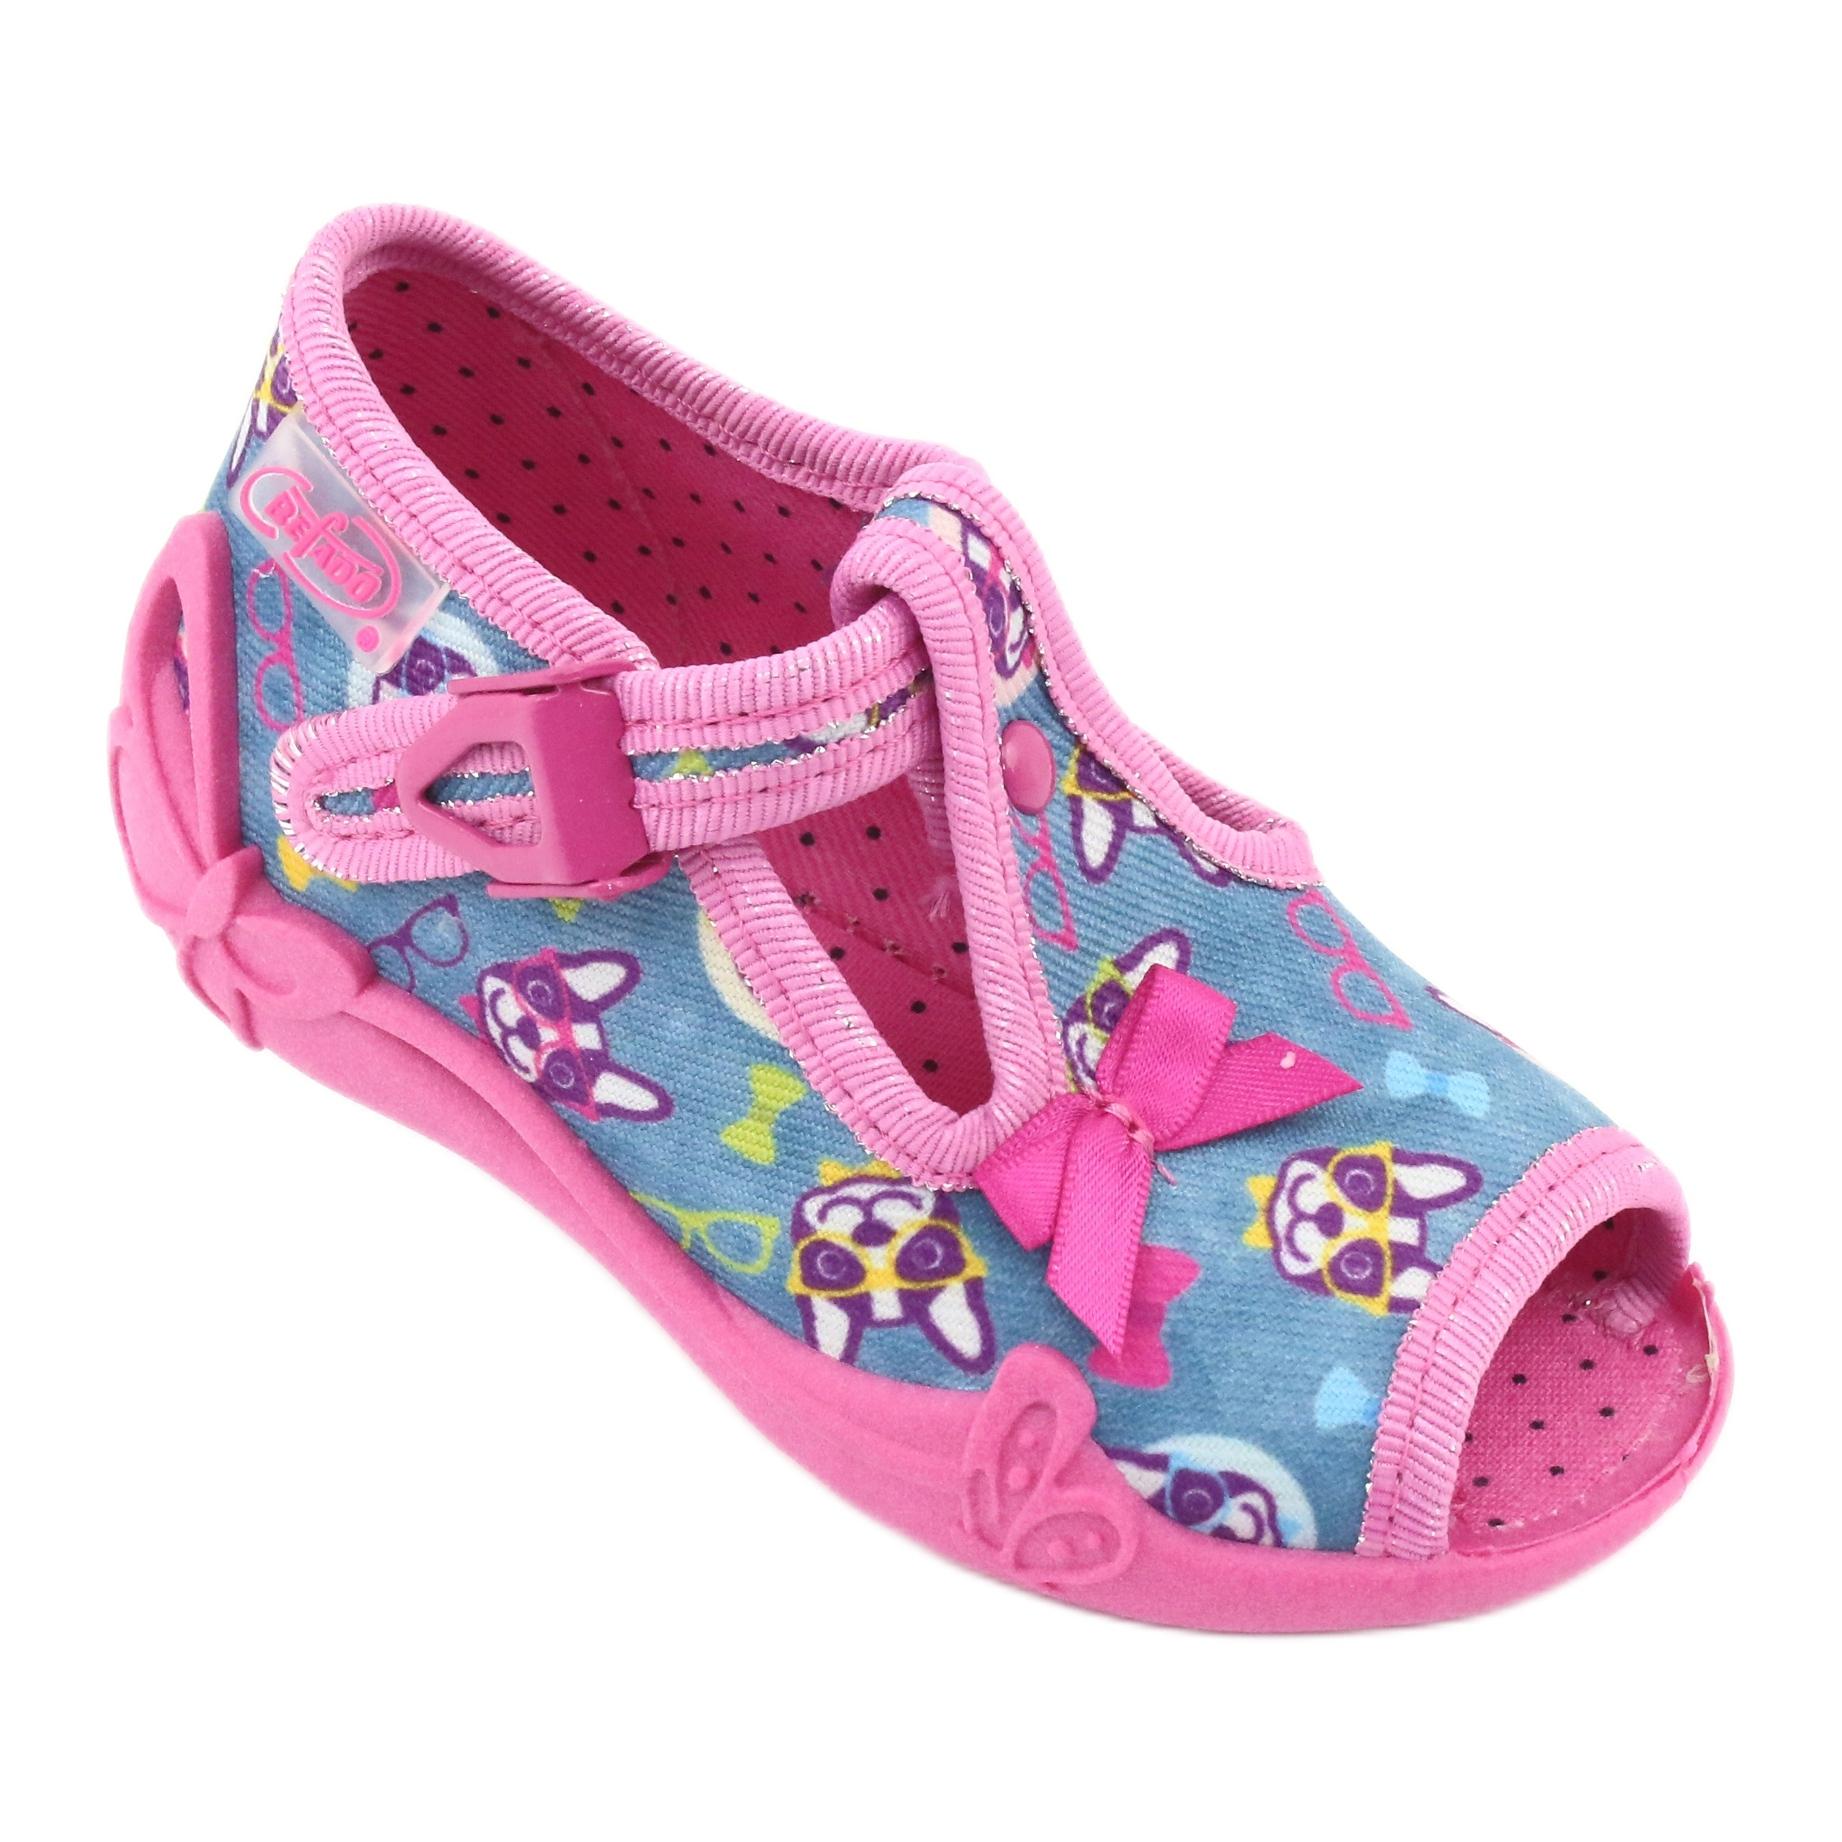 miniatura 3 - Scarpe per bambini rosa Befado 213P113 blu multicolore